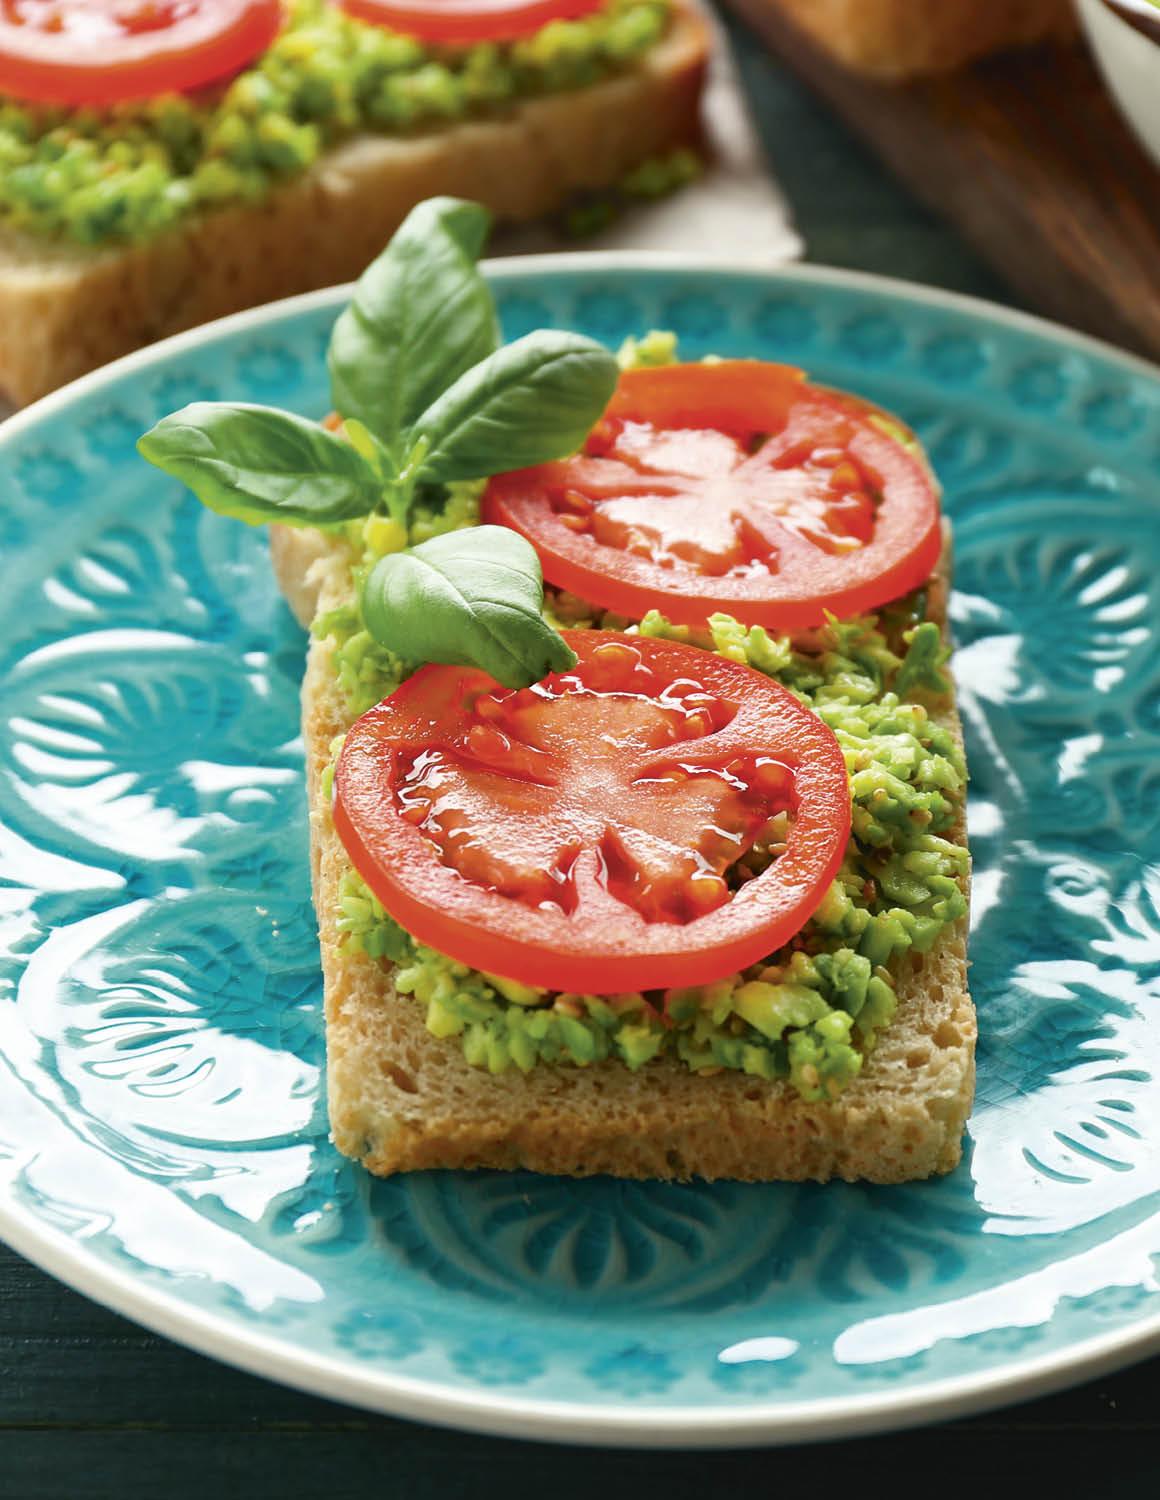 20 consejos f ciles para mejorar tu salud y subir tus defensas - Cocinar sin sal ...